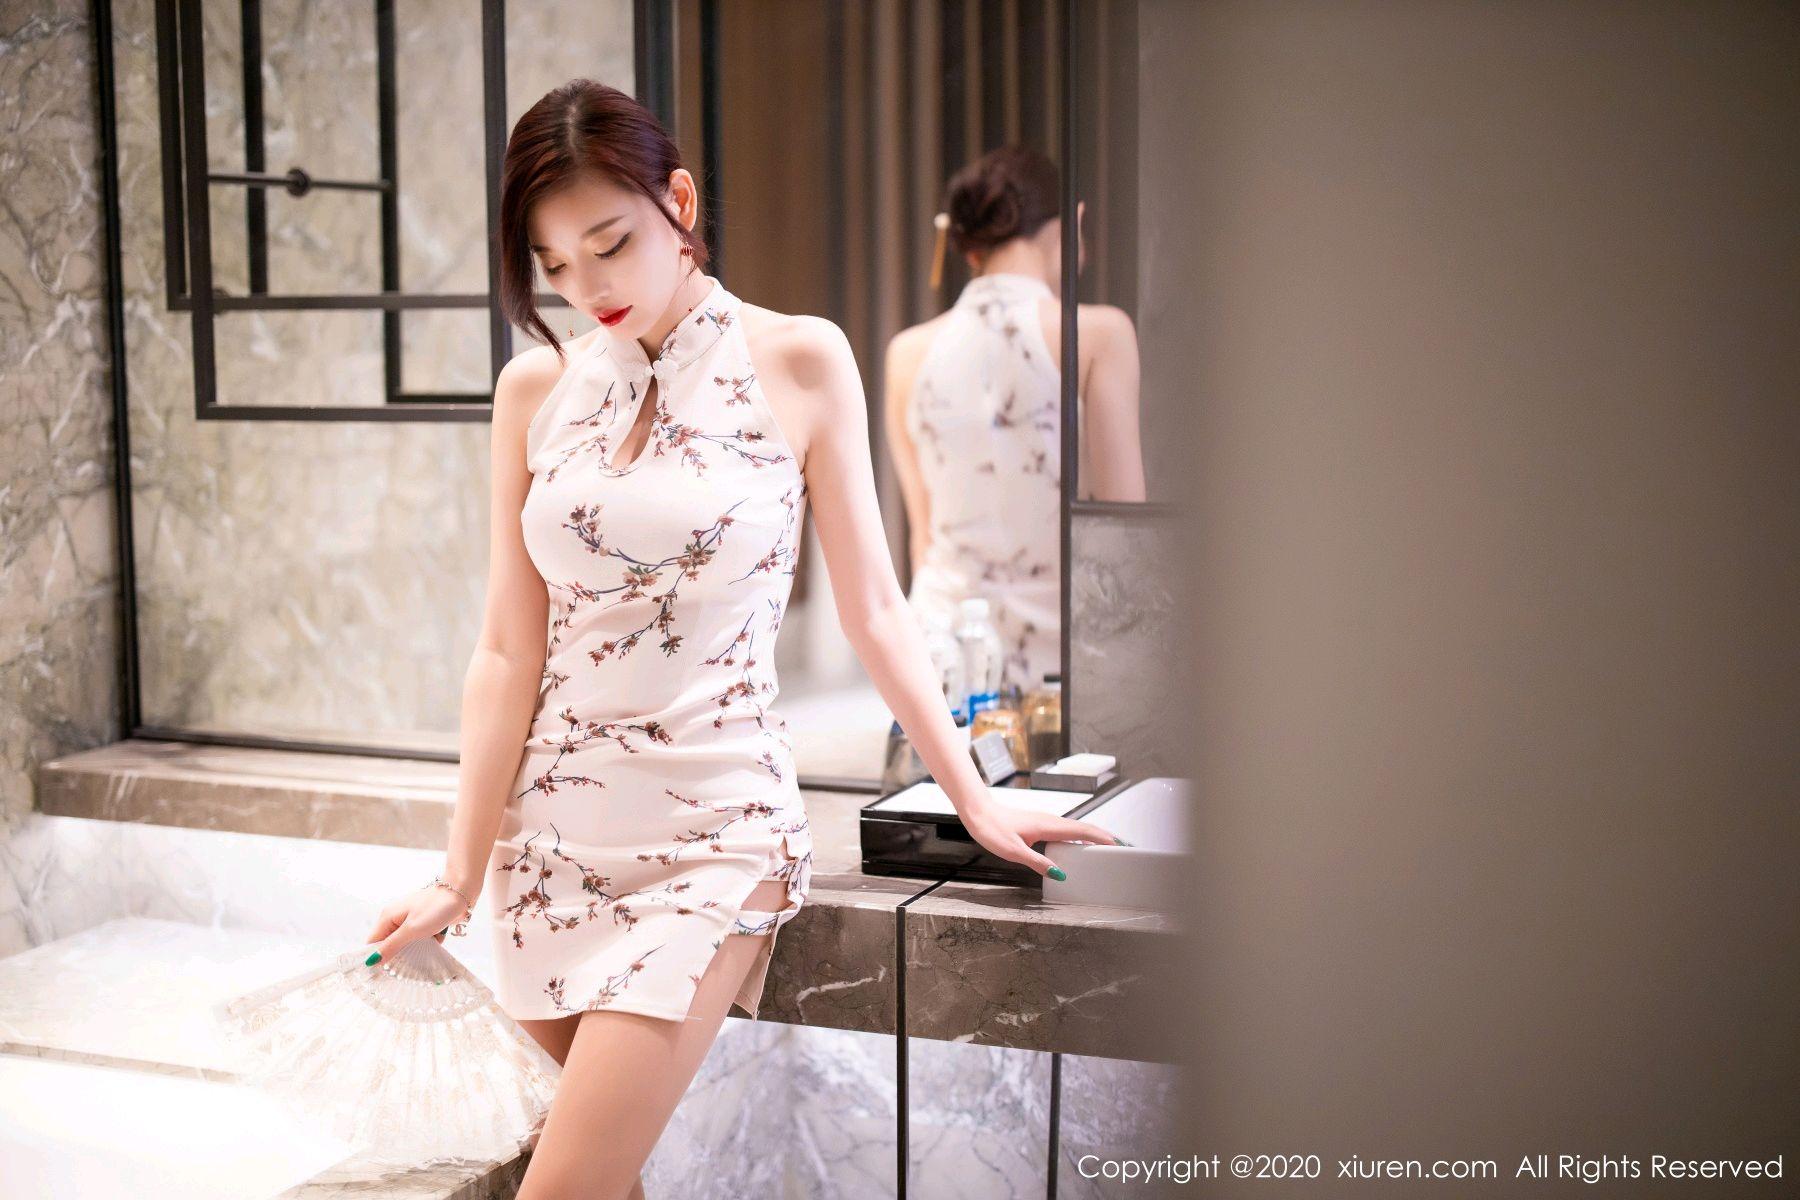 [XiuRen] Vol.2487 Yang Chen Chen 12P, Cheongsam, Tall, Xiuren, Yang Chen Chen